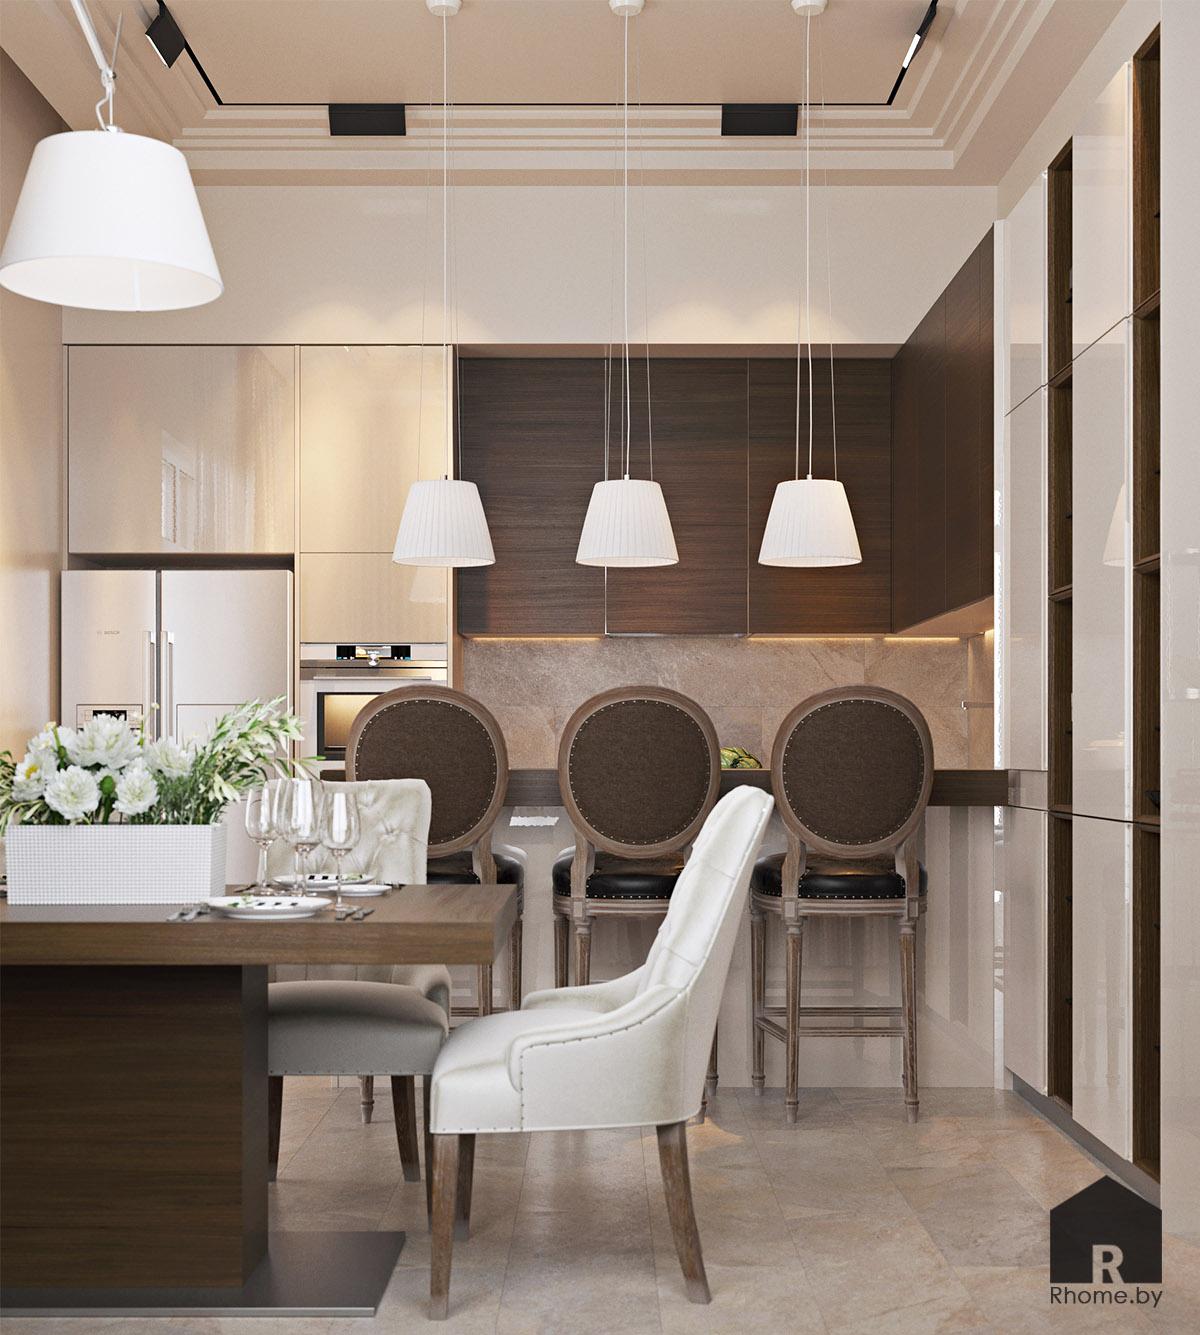 Дизайн интерьера кухни в Березовой роще   Дизайн студия – Rhome.by